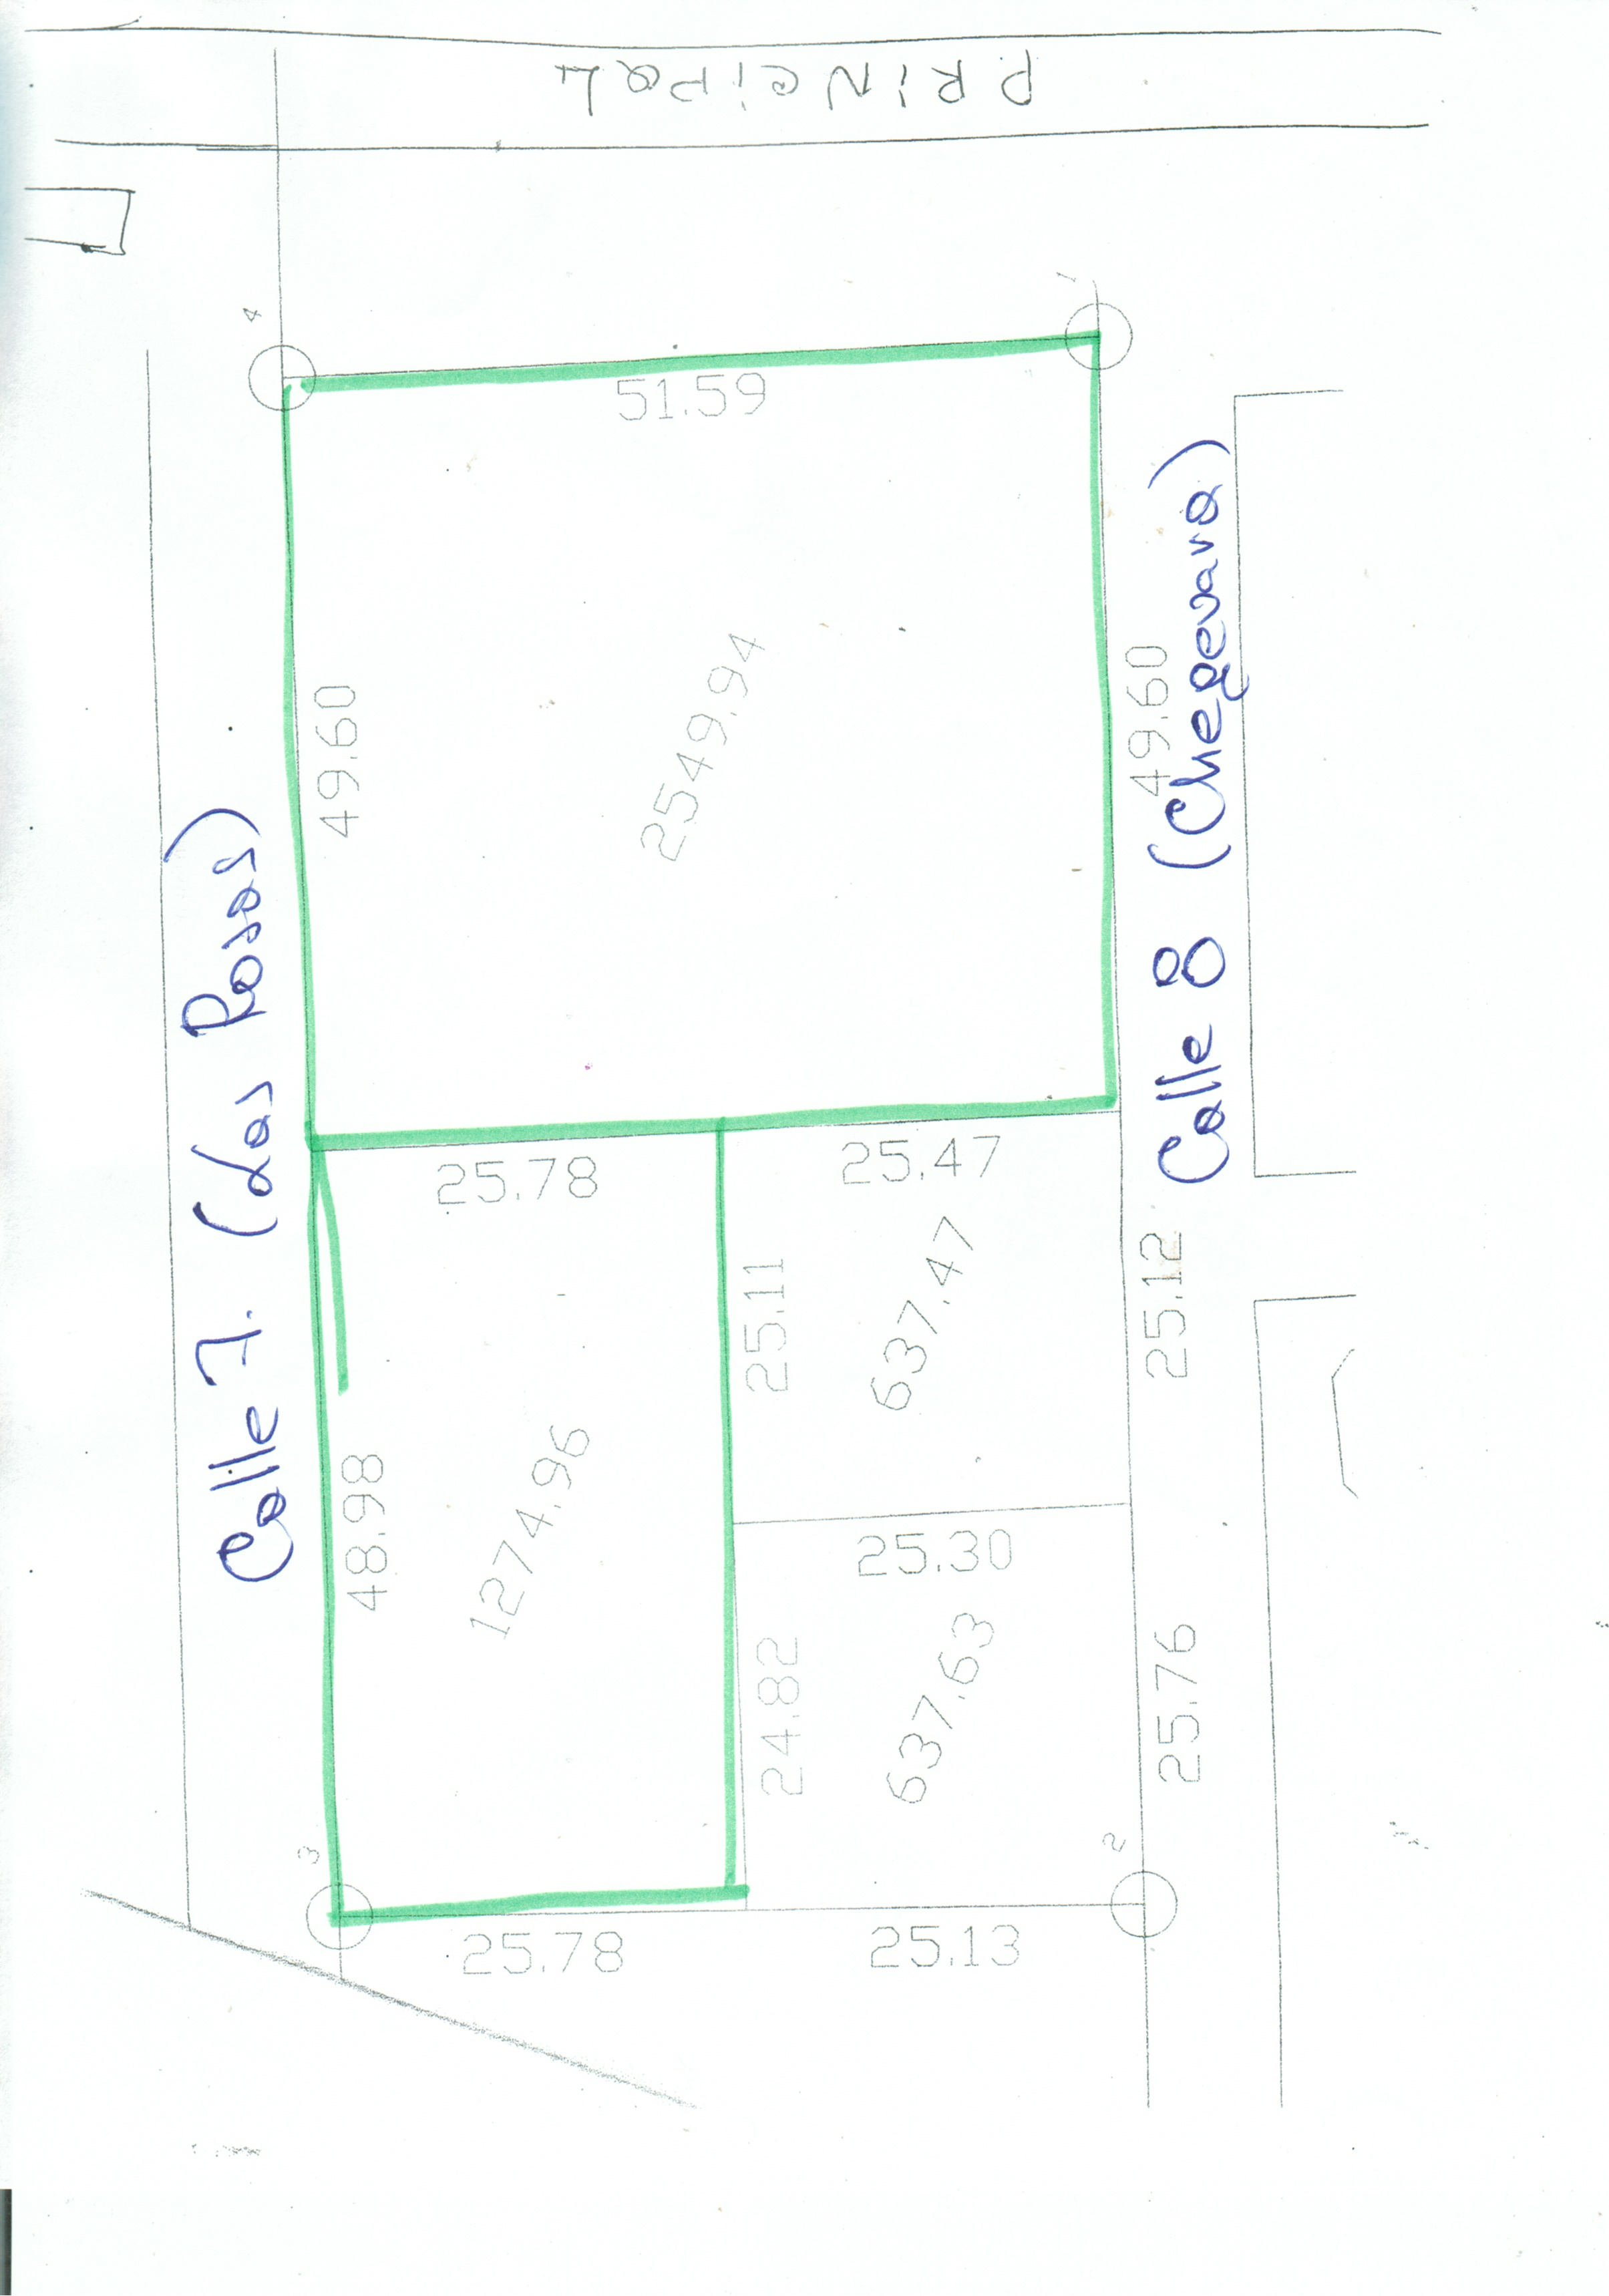 земельного участка 2556 м2